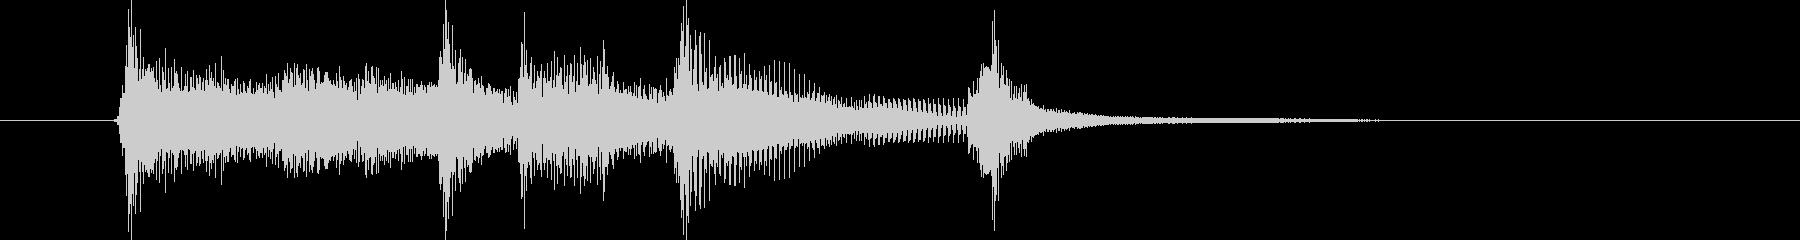 優しく透明感のある弦楽器シンセサウンドの未再生の波形